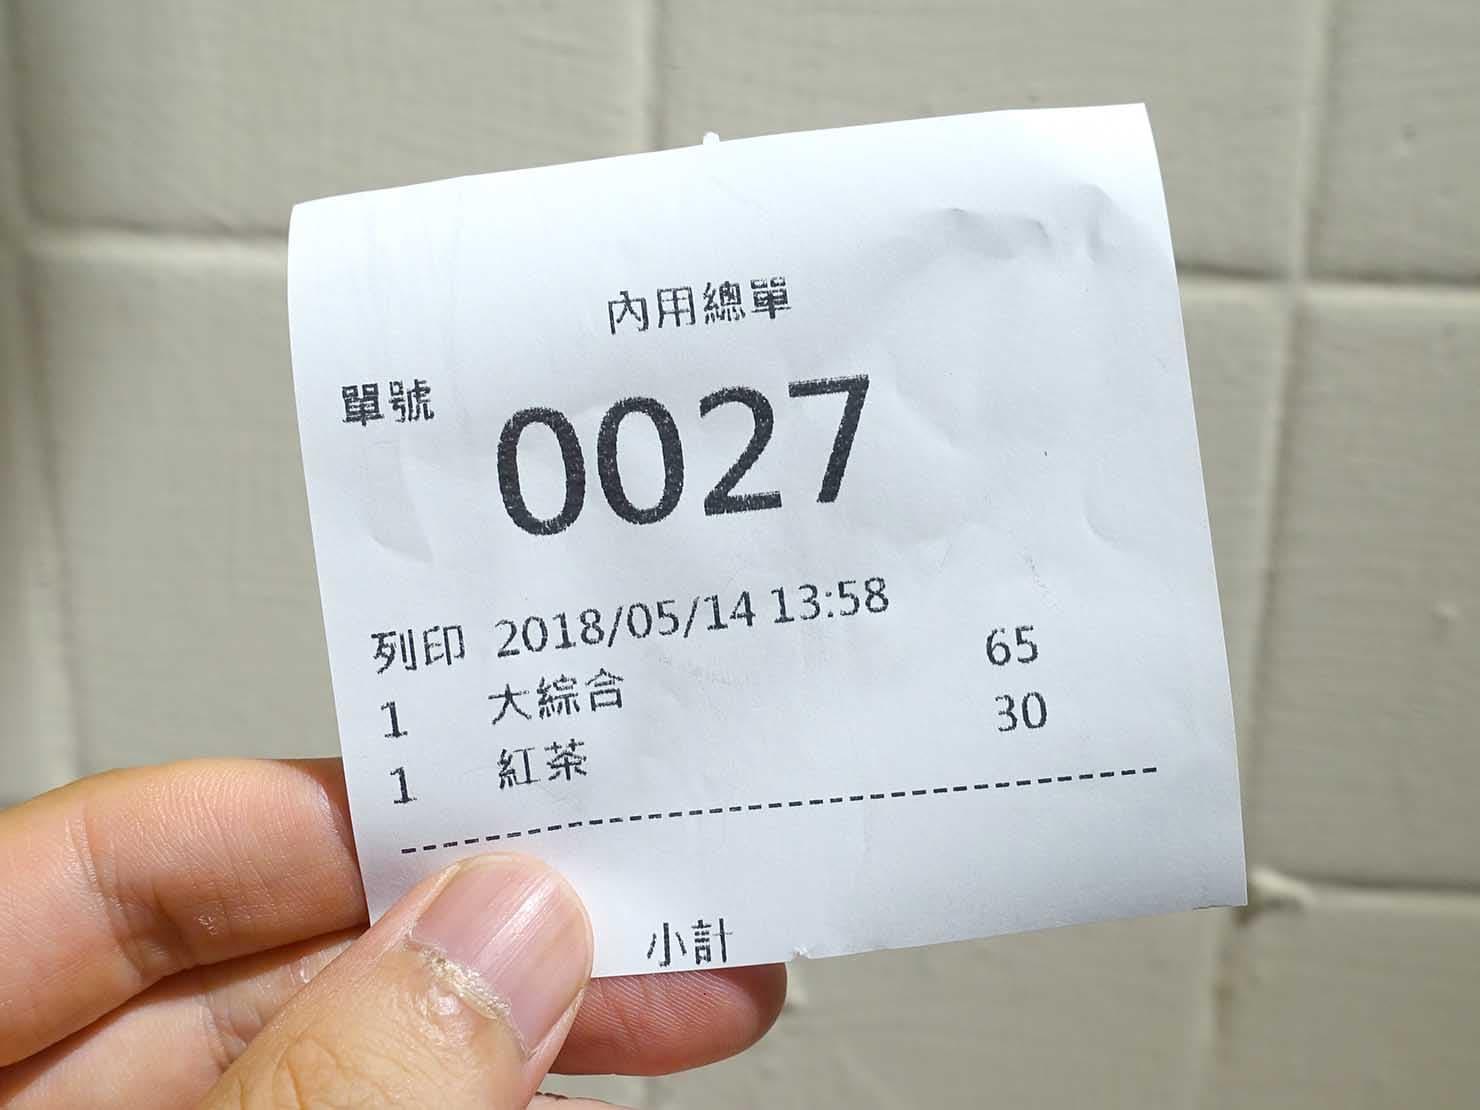 台北・師大夜市のおすすめ台湾グルメ店「蛋幾ㄌㄟˇ」のレシート